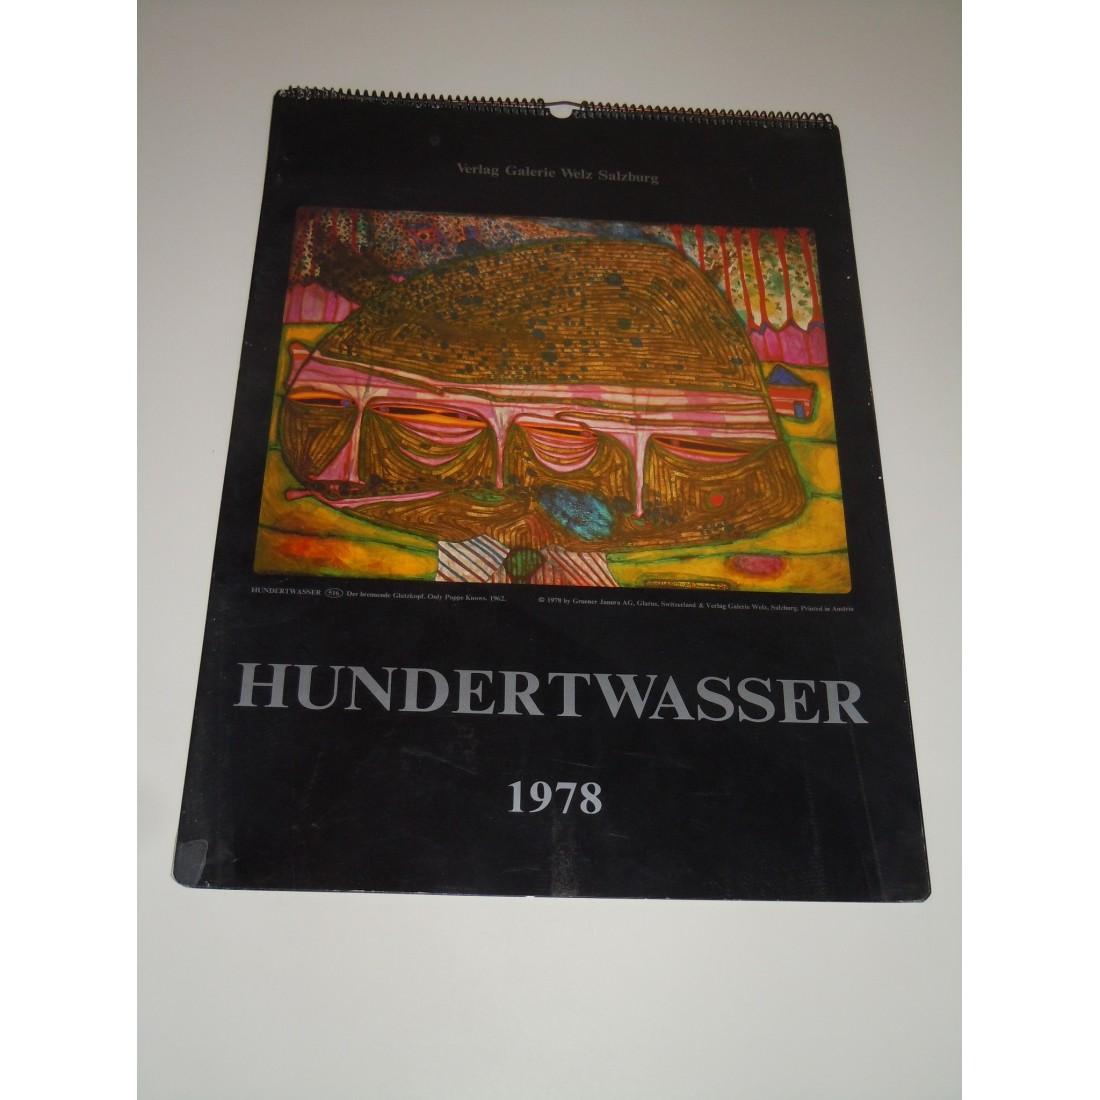 1978 Calendario.Calendario 1978 Del Pittore Hundertwasser Verlag Galleria Welz Gmbh